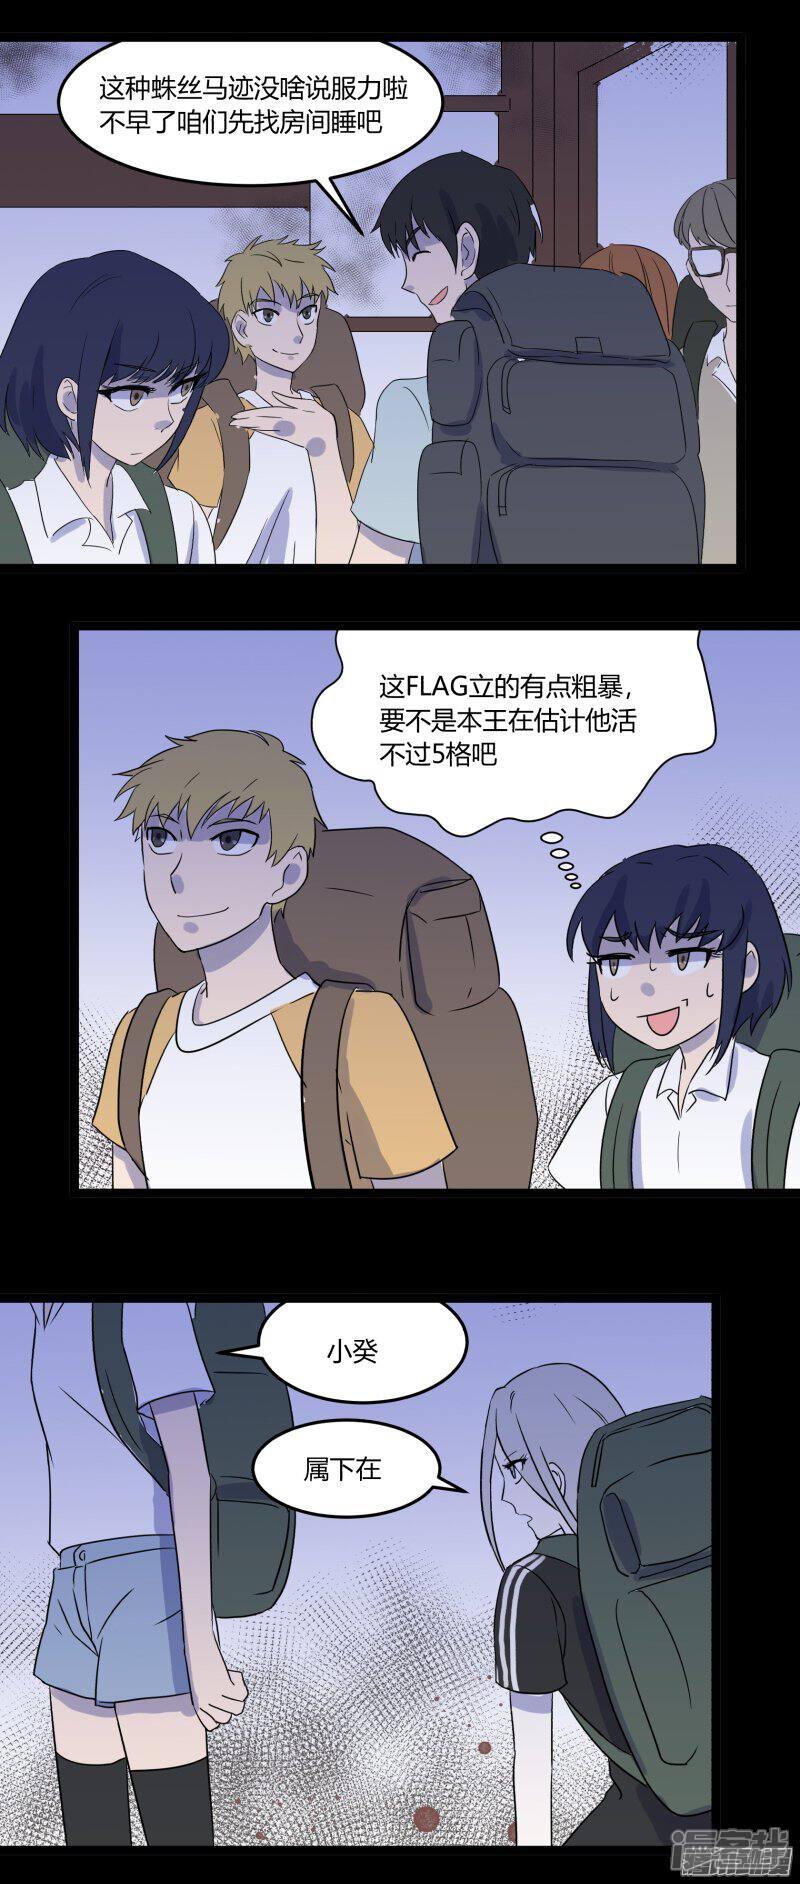 阎王不高兴漫画 第6话 漫客栈